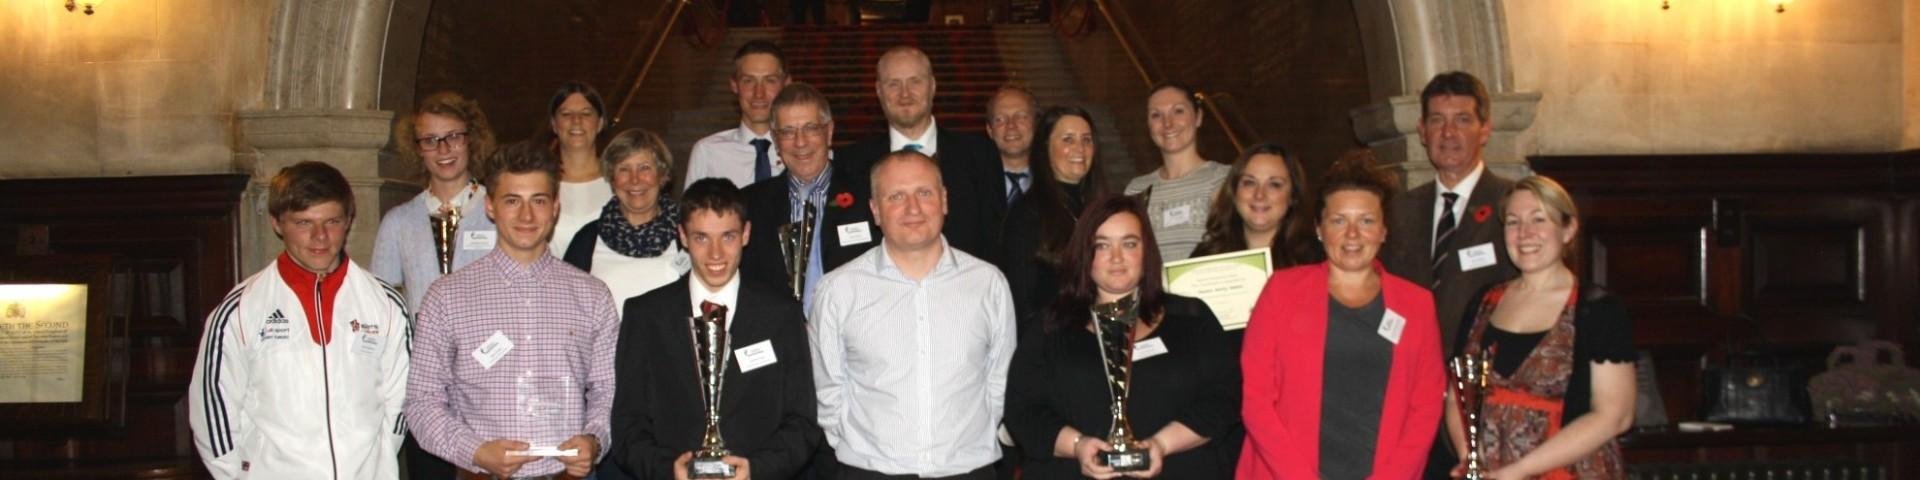 SASSOT Sports Award Winners 2015